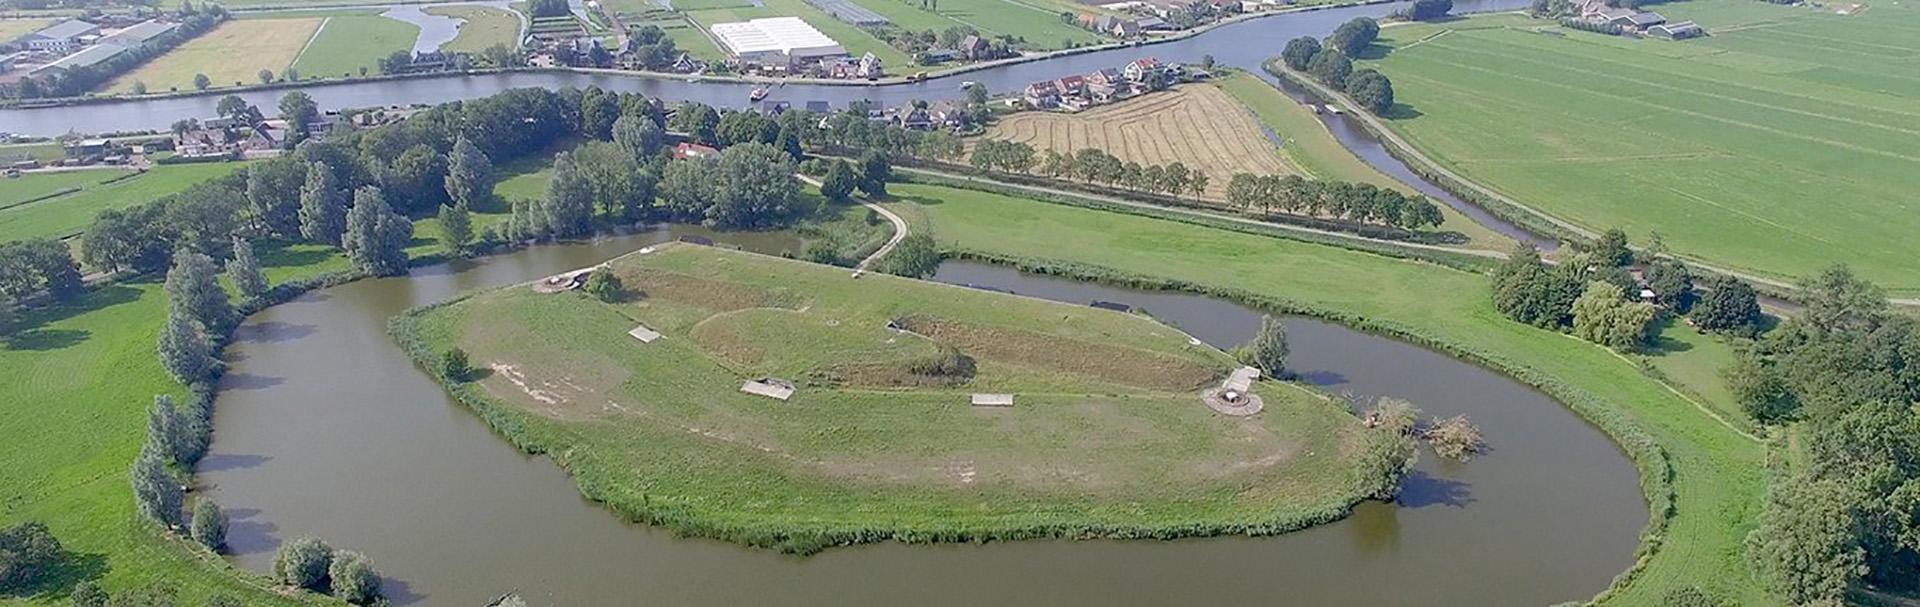 La extensión de las Líneas de defensa de Ámsterdam (Países Bajos)